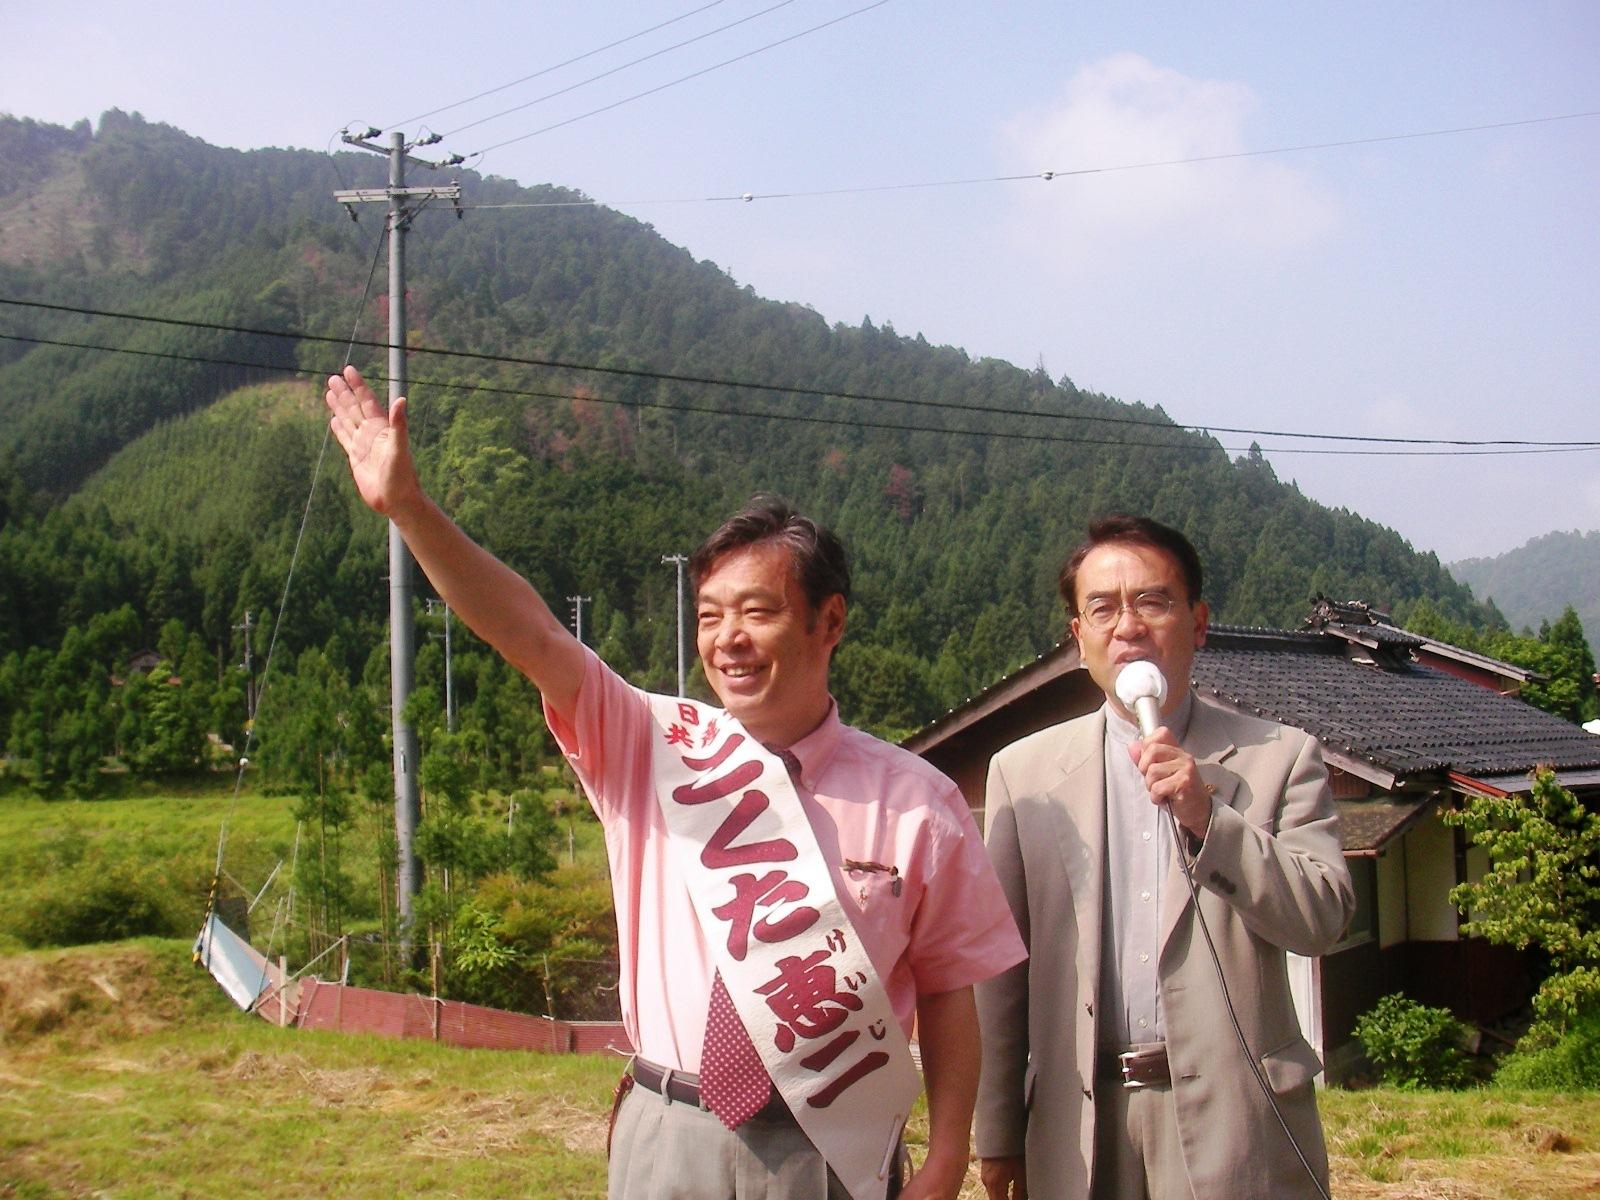 京都小野郷地区で宣伝